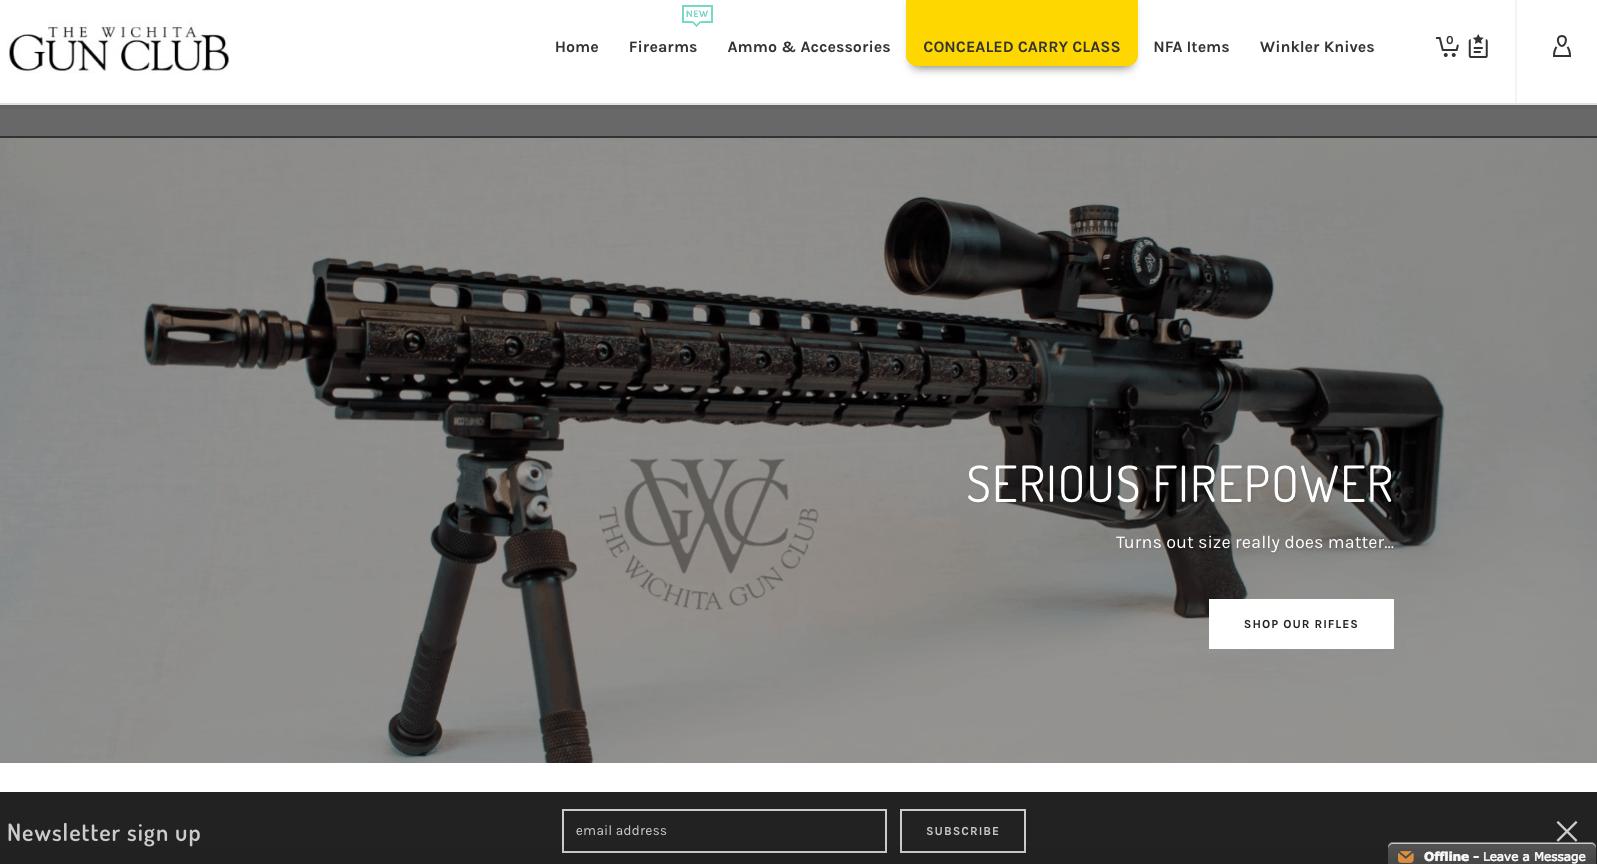 The Wichita Gun Club